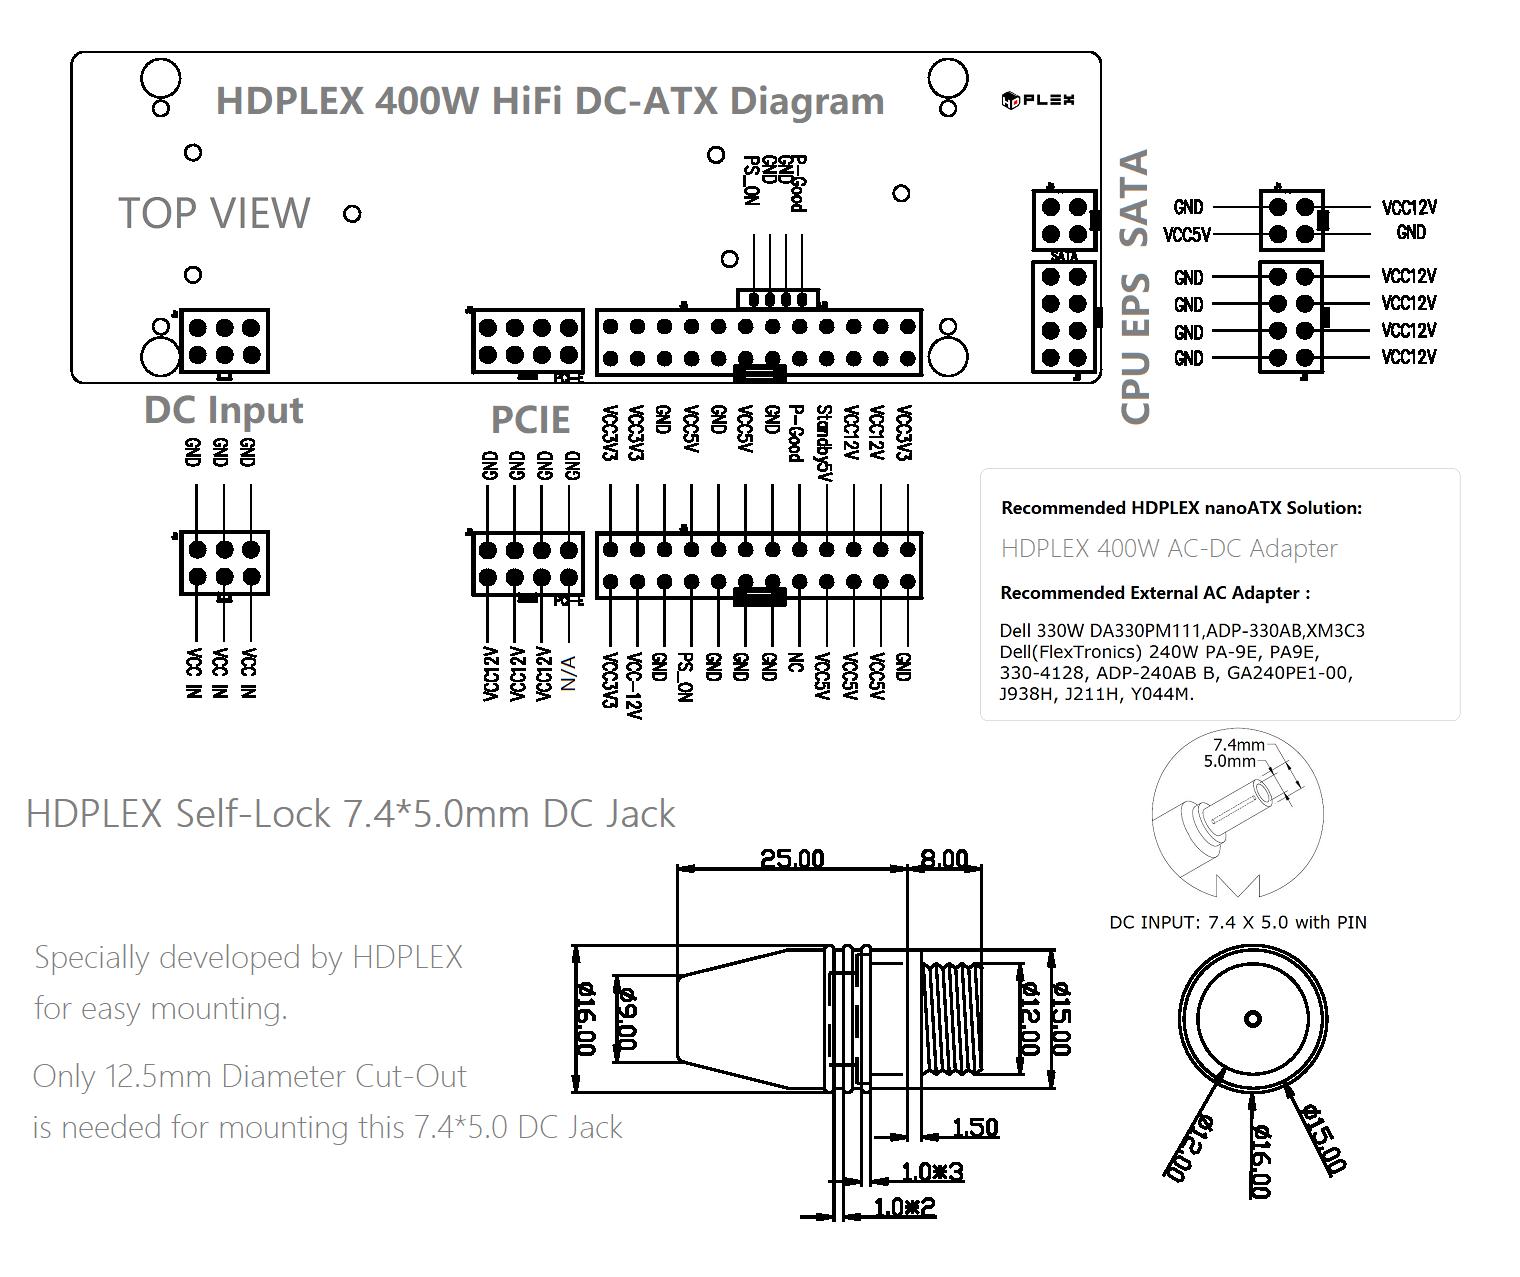 Hdplex 400w Eps Wiring Diagram    Sffpc